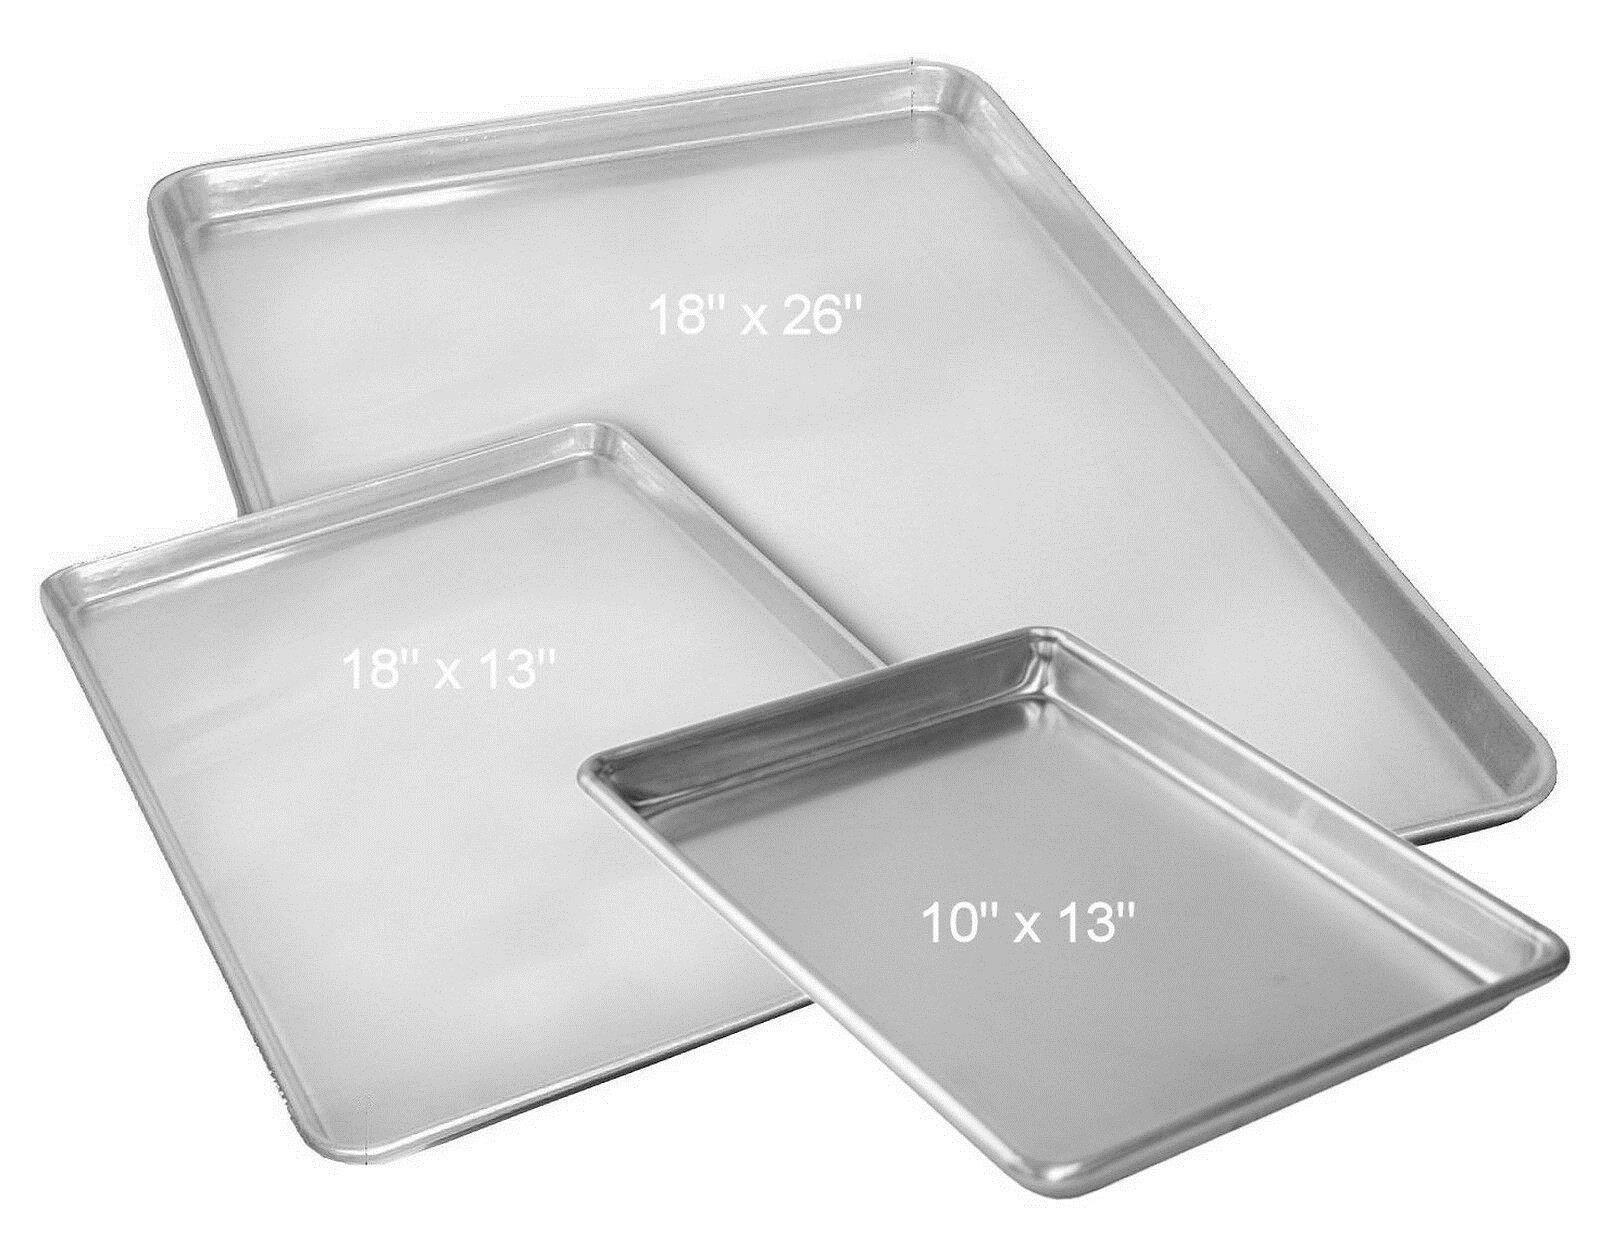 Details about aluminum baking cookie sheet bake pan